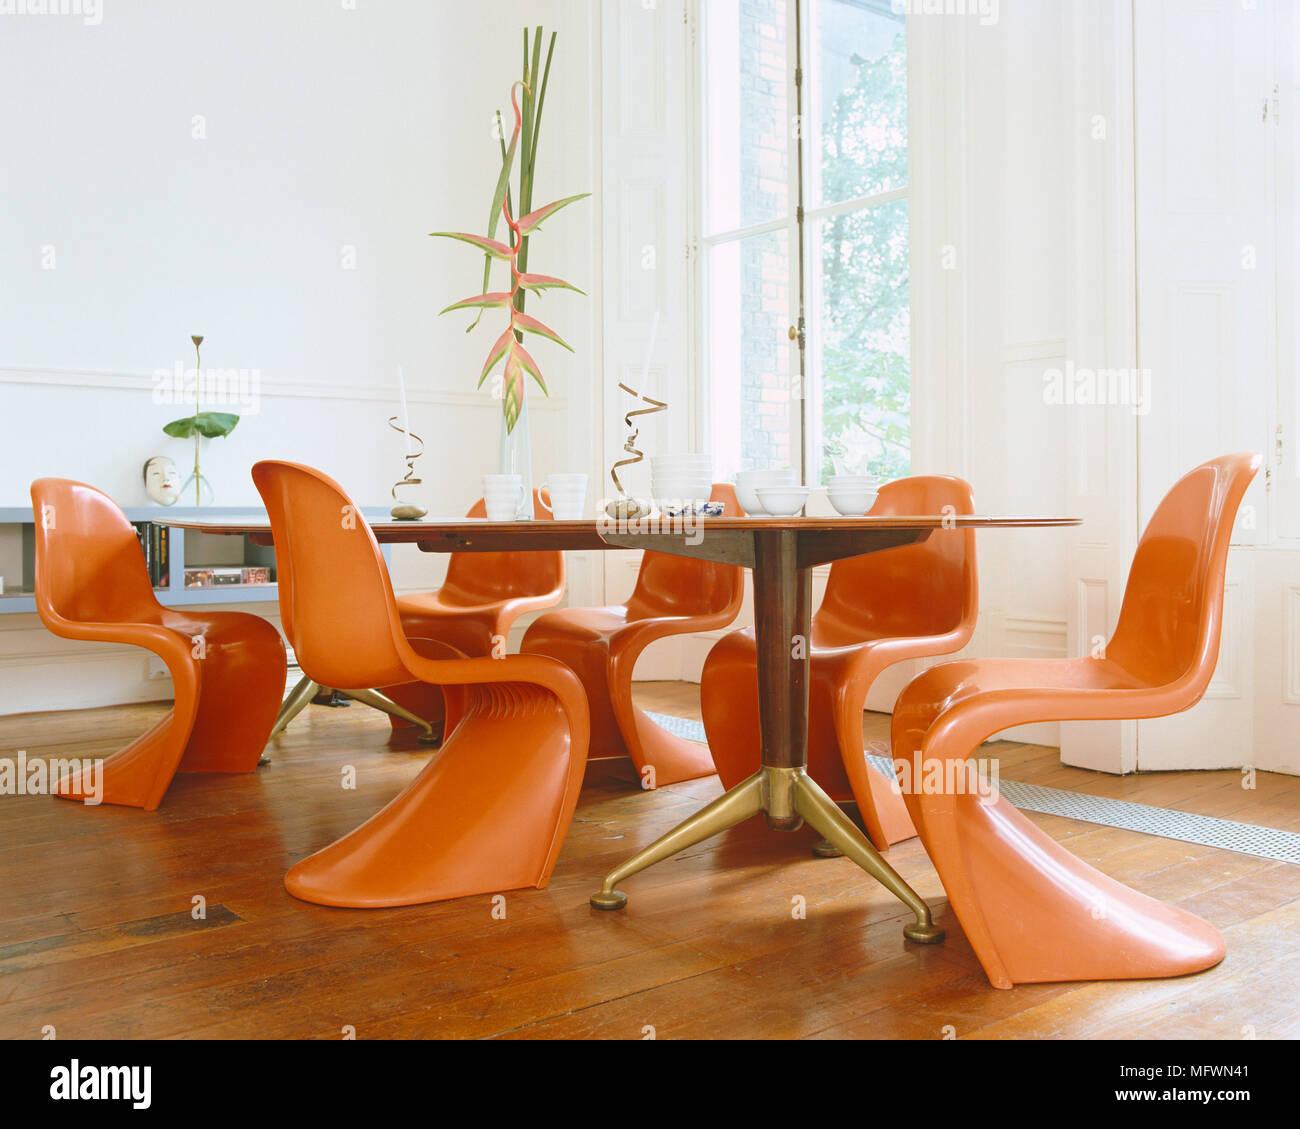 Verner Panton Chaises Rouges A Table En Bois Ovale Dans La Salle A